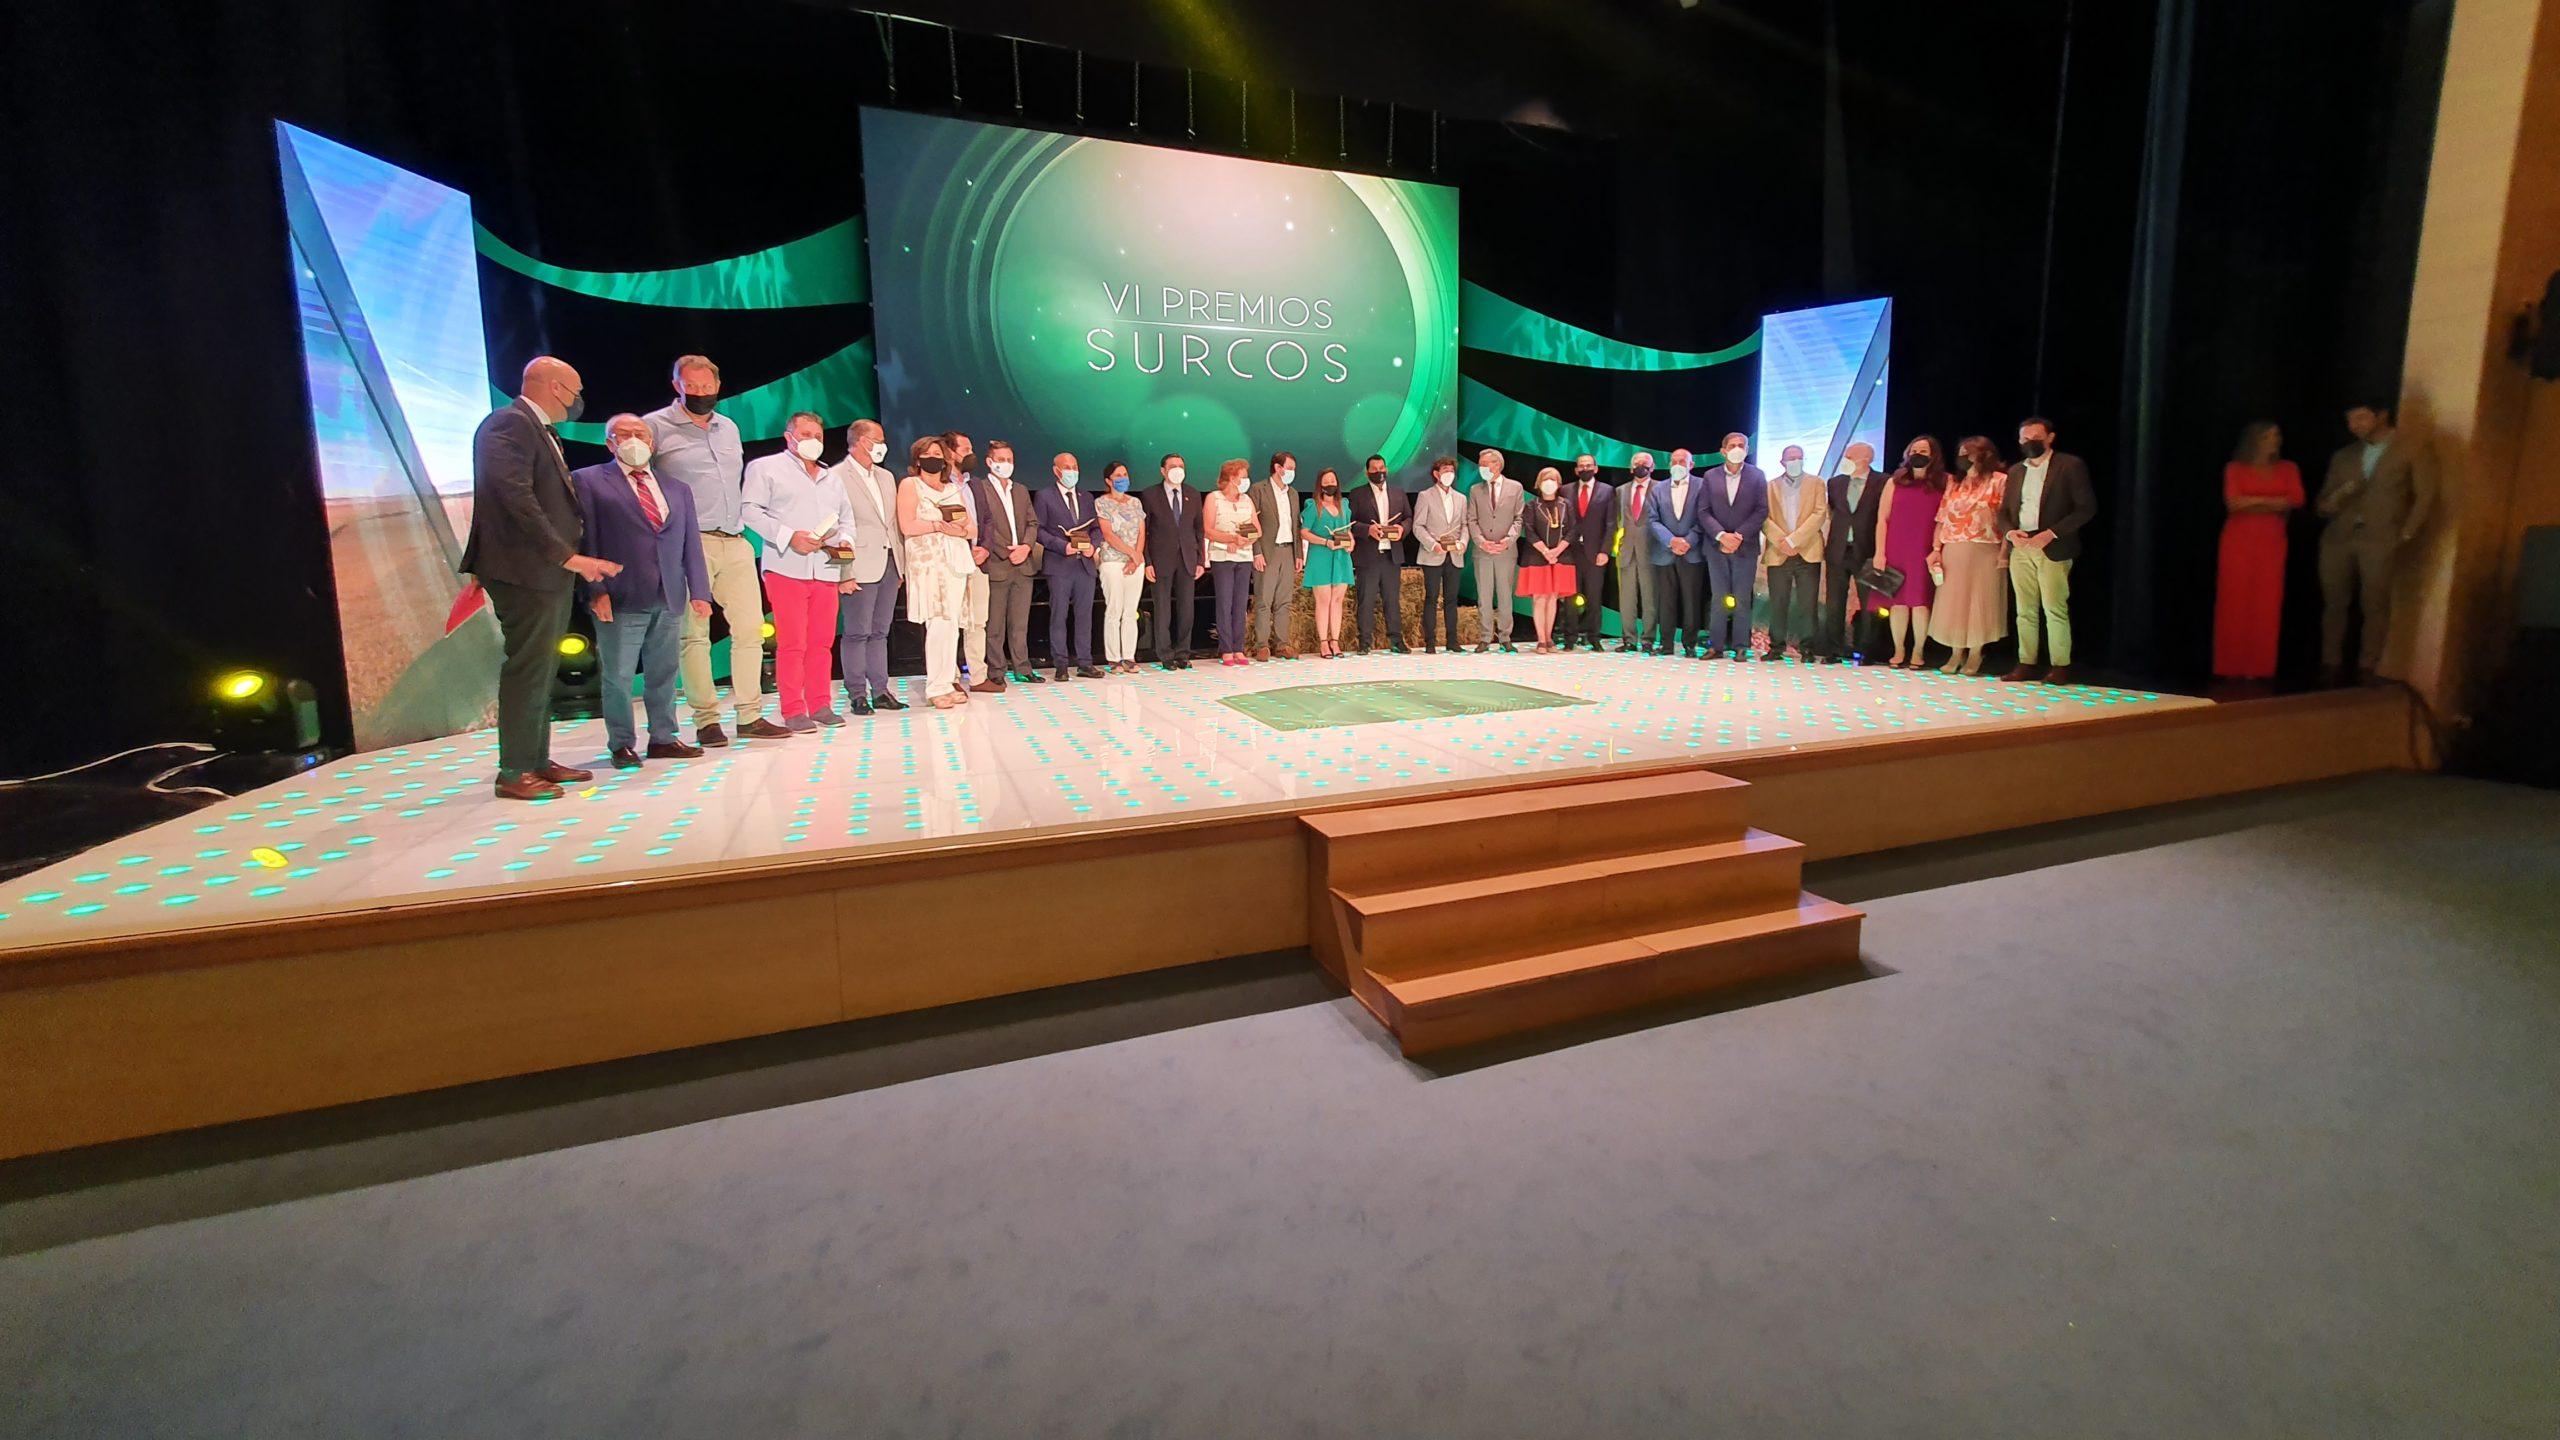 Premiados, patrocinadores y autoridades sobre el escenario de los Premios Surcos